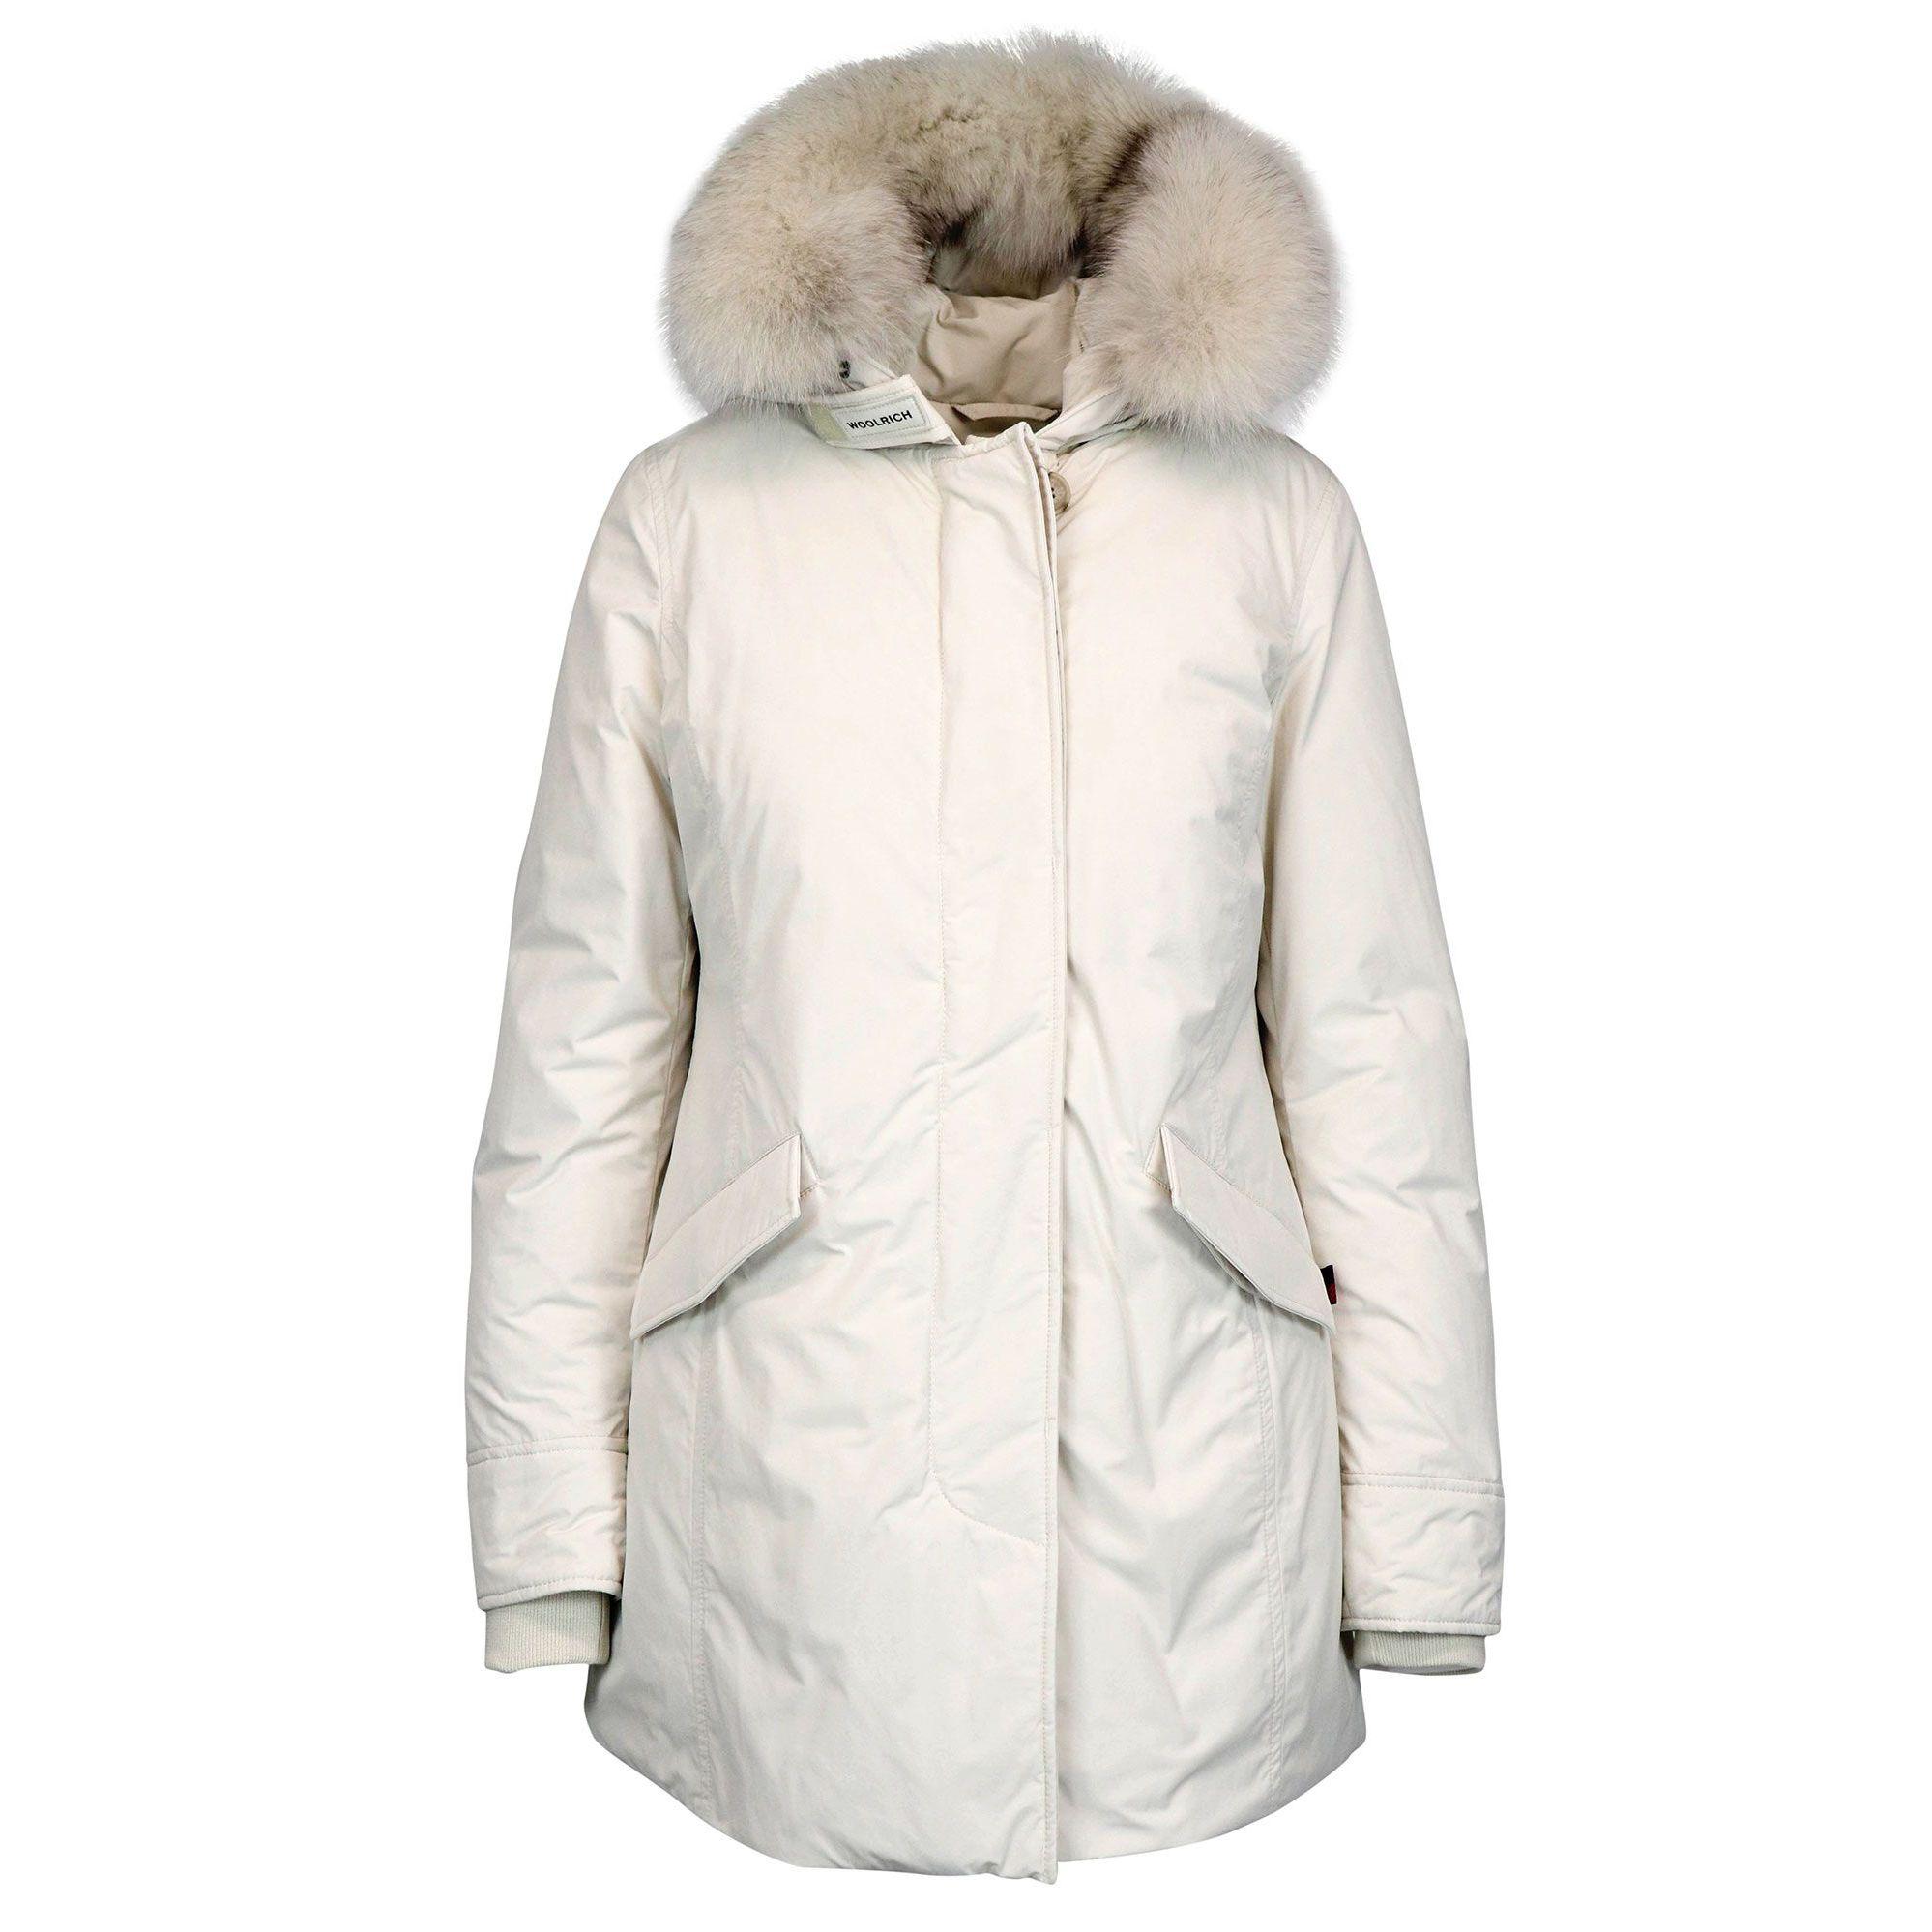 Acquista negozio ufficiale los angeles Parka luxury con pelliccia di volpe Bianco, Woolrich wwcps2834 ...